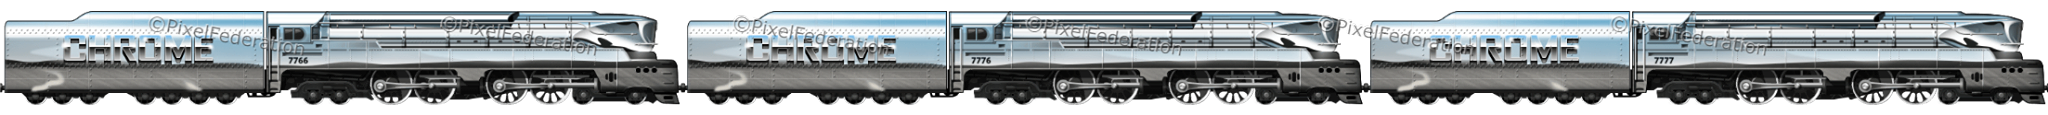 Chrome Express I